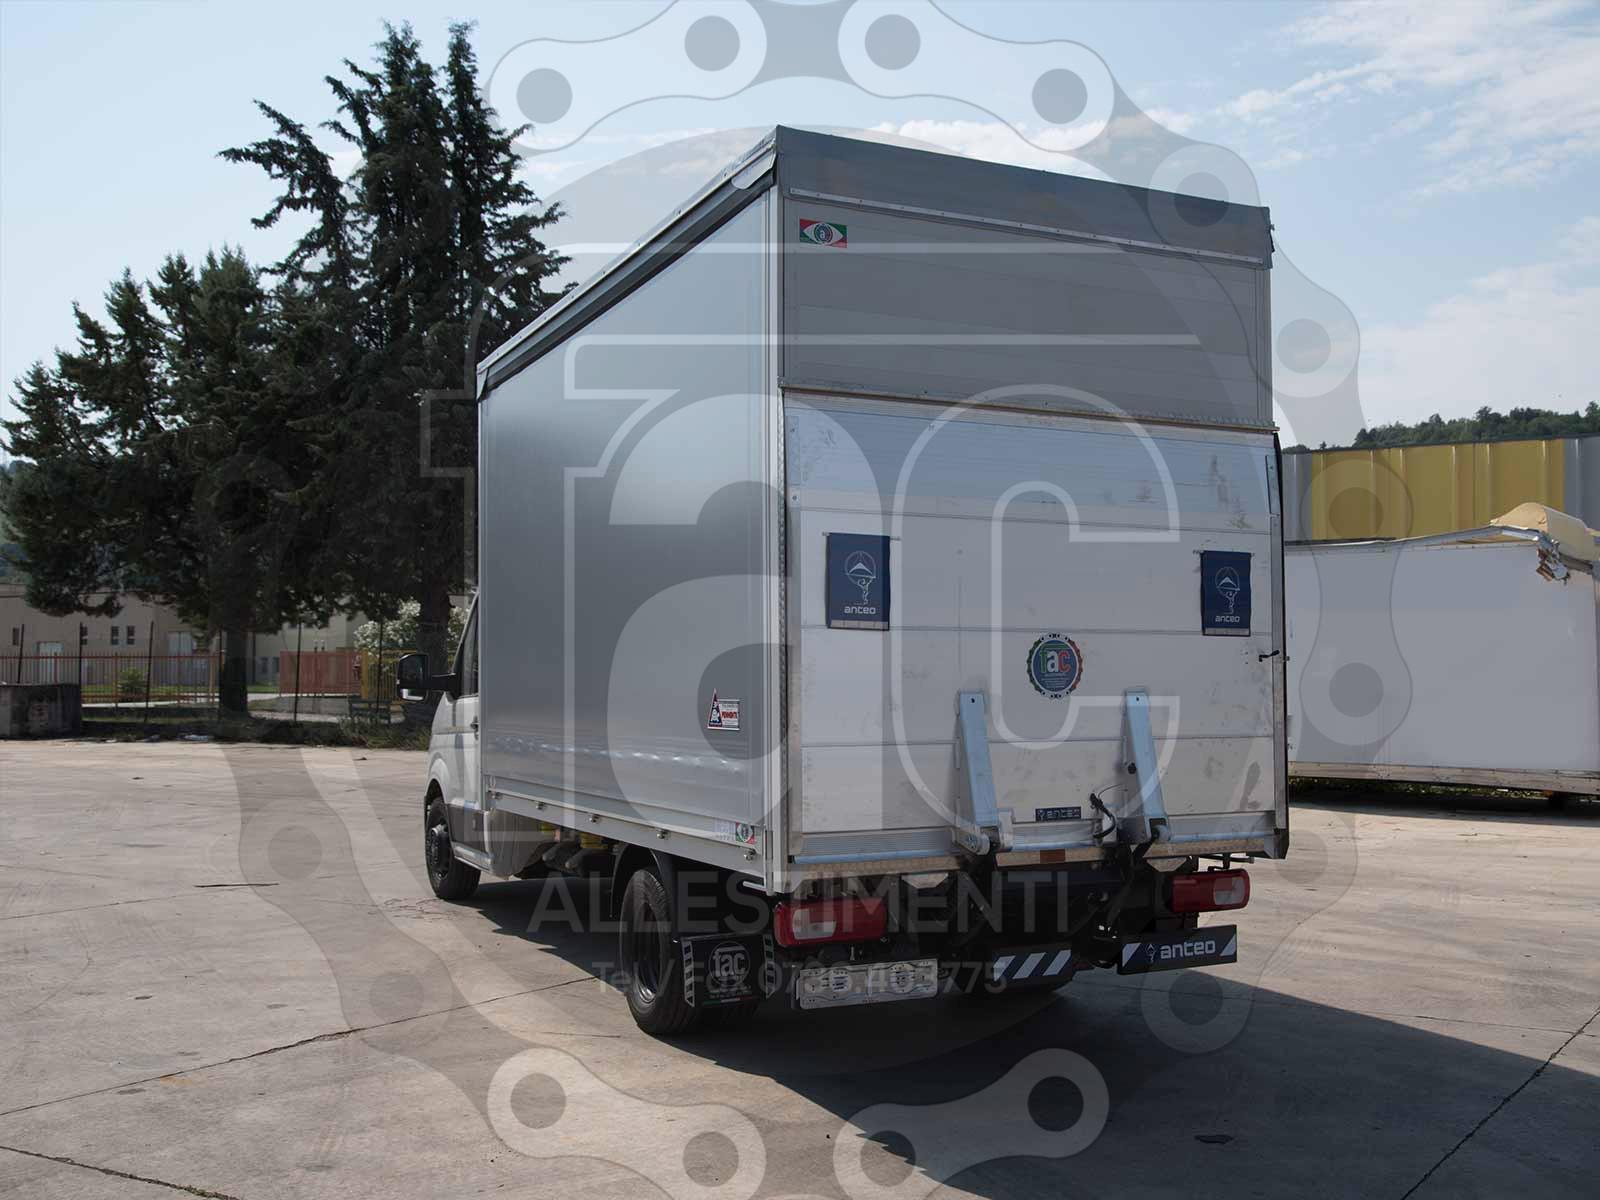 Realizzazione di trasformazione veicolo speciale di FAC Allestimenti